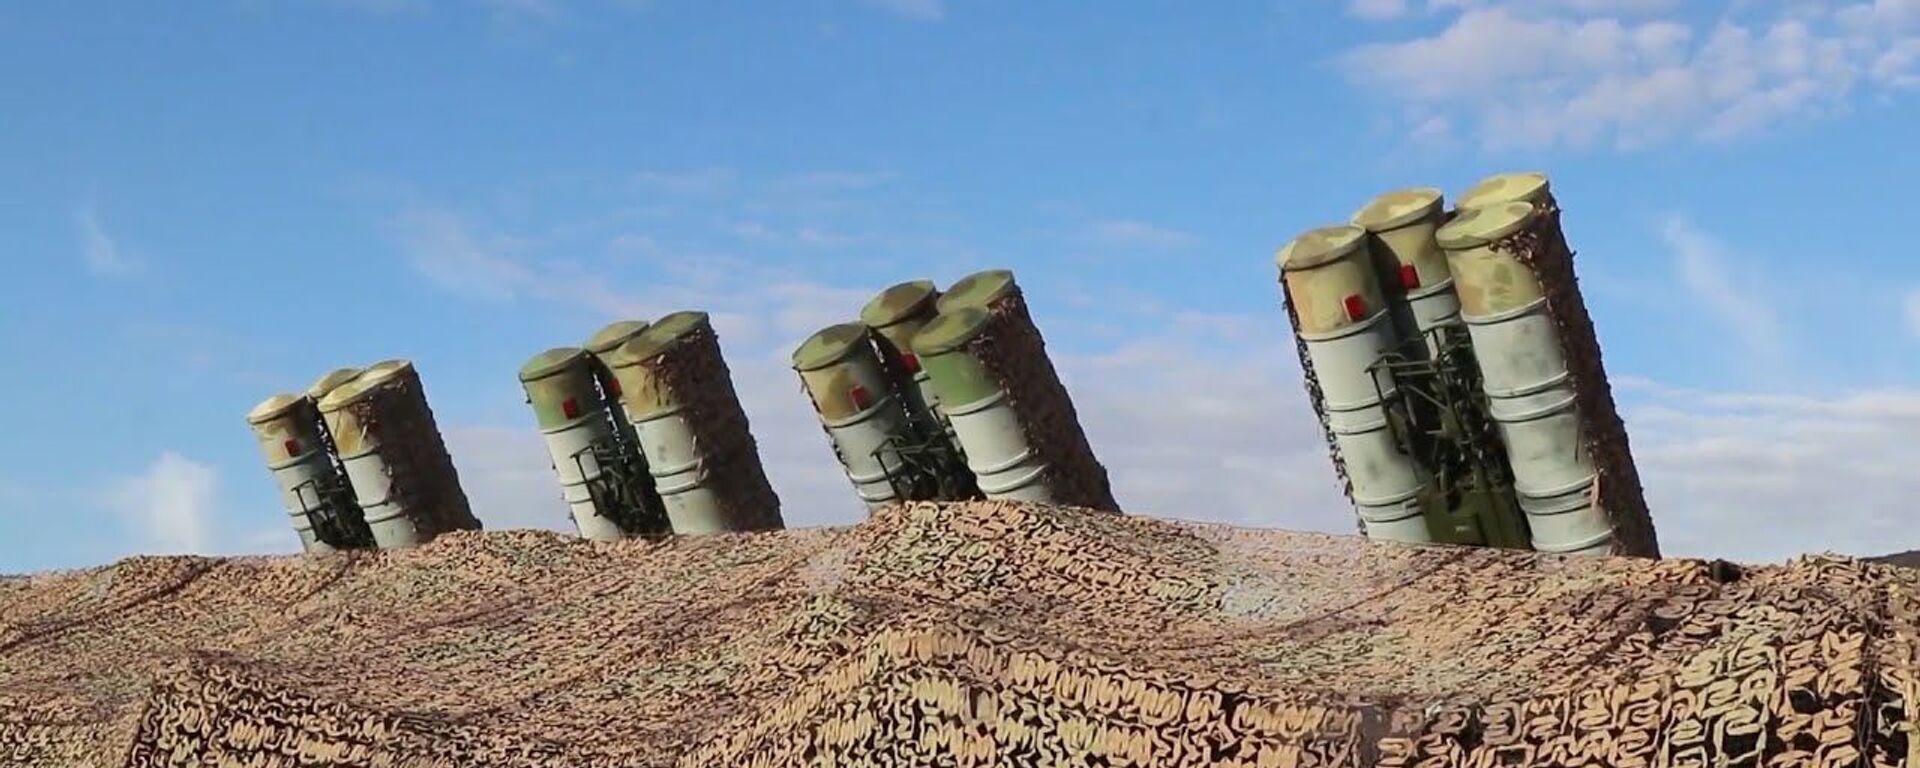 При всех атрибутах противовирусной обороны: учения расчетов ЗРК С-300 в Таджикистане - Sputnik Ўзбекистон, 1920, 30.09.2021